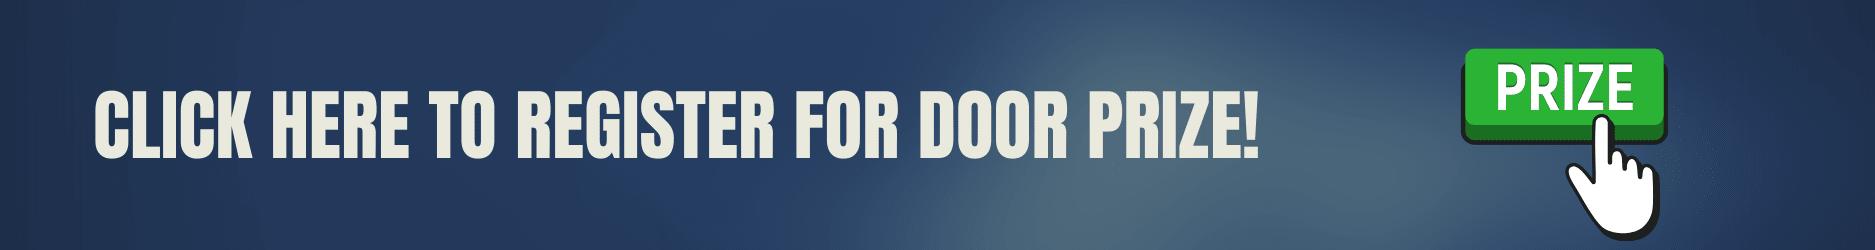 Register for door prize